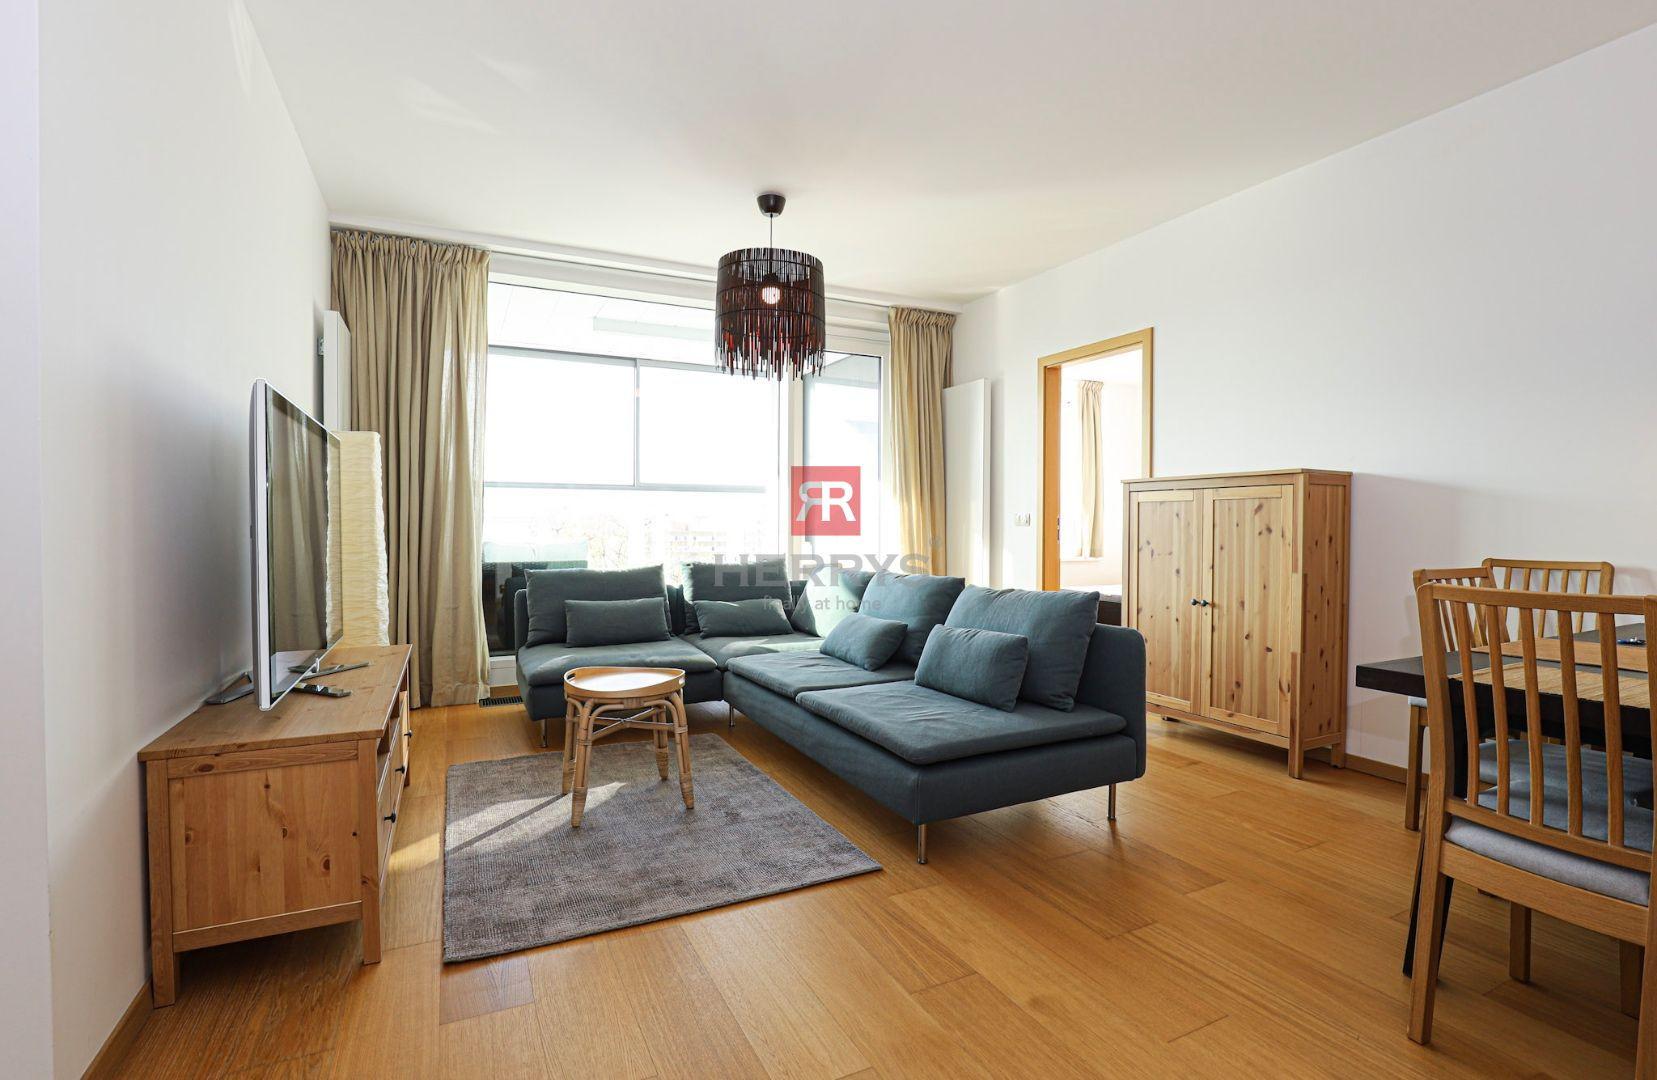 HERRYS - Na prenájom 3 izbový zariadený byt s lodžiou a dvoma garážovými státiami v novostavbe Panorama City